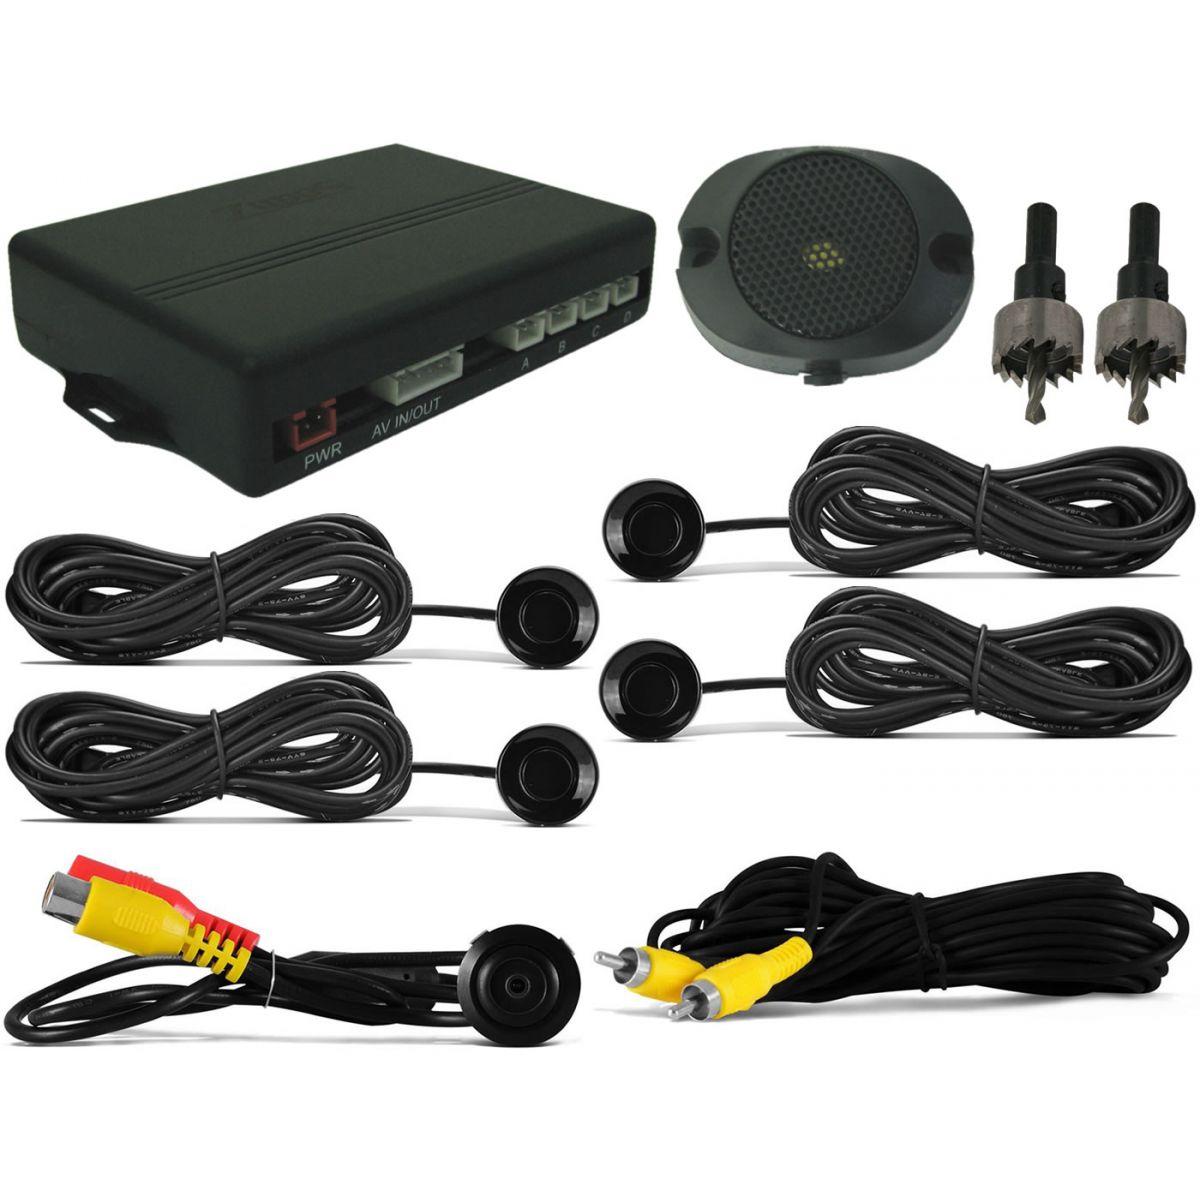 Central Multimidia Jeep Renegade Com DVD GPS M1 + Câmera Ré Grátis + 2 Encostos + Sensor Estacionamento Grátis